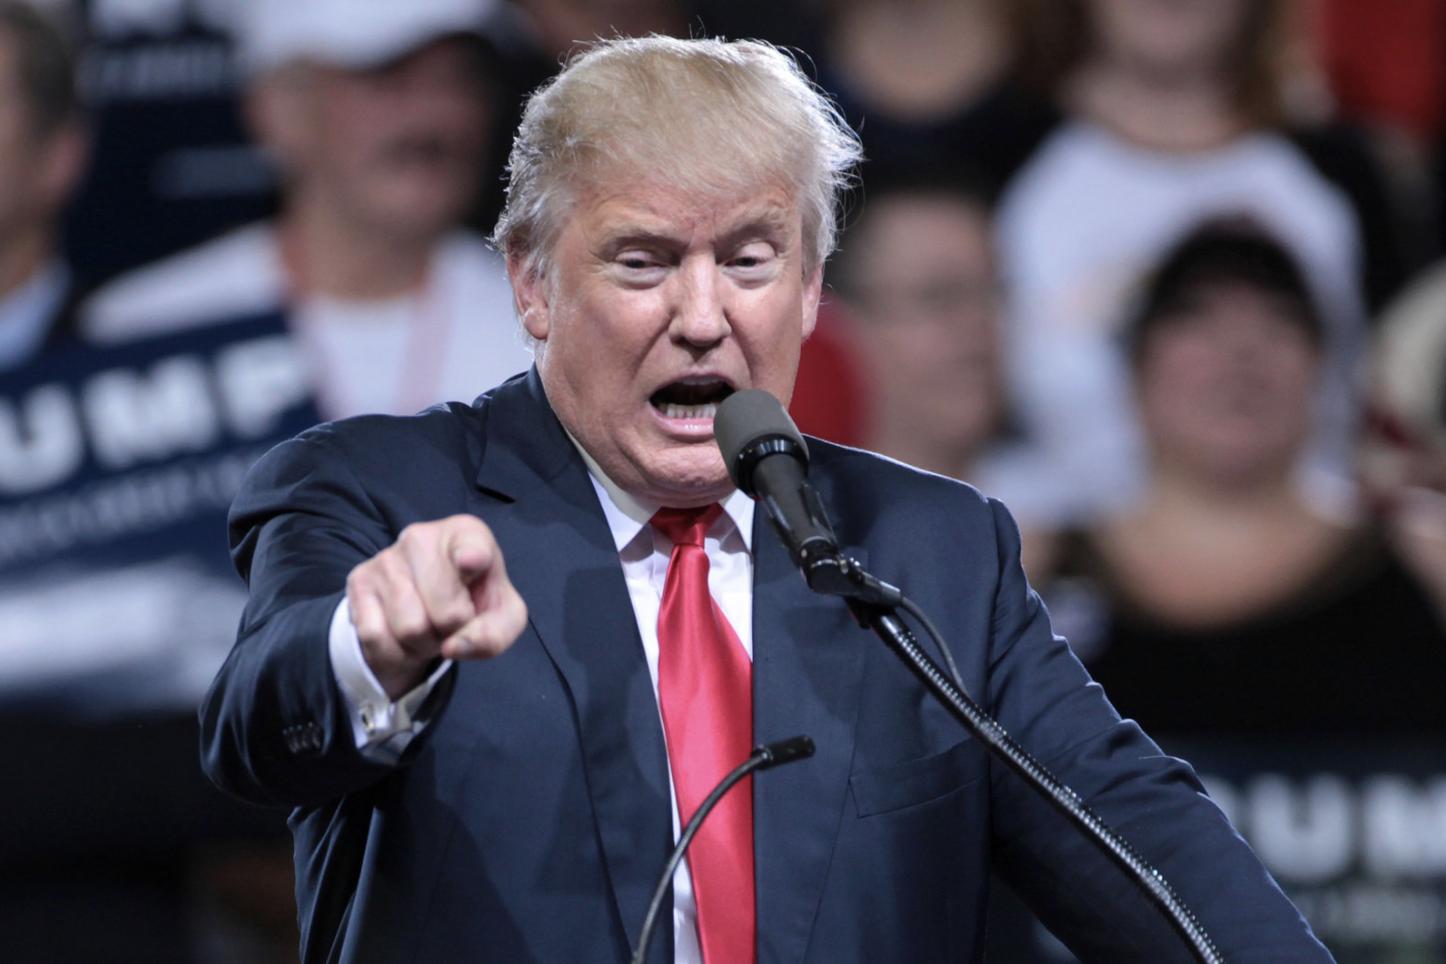 Trump uvolnil pravidla pro vládní kybernetické útoky